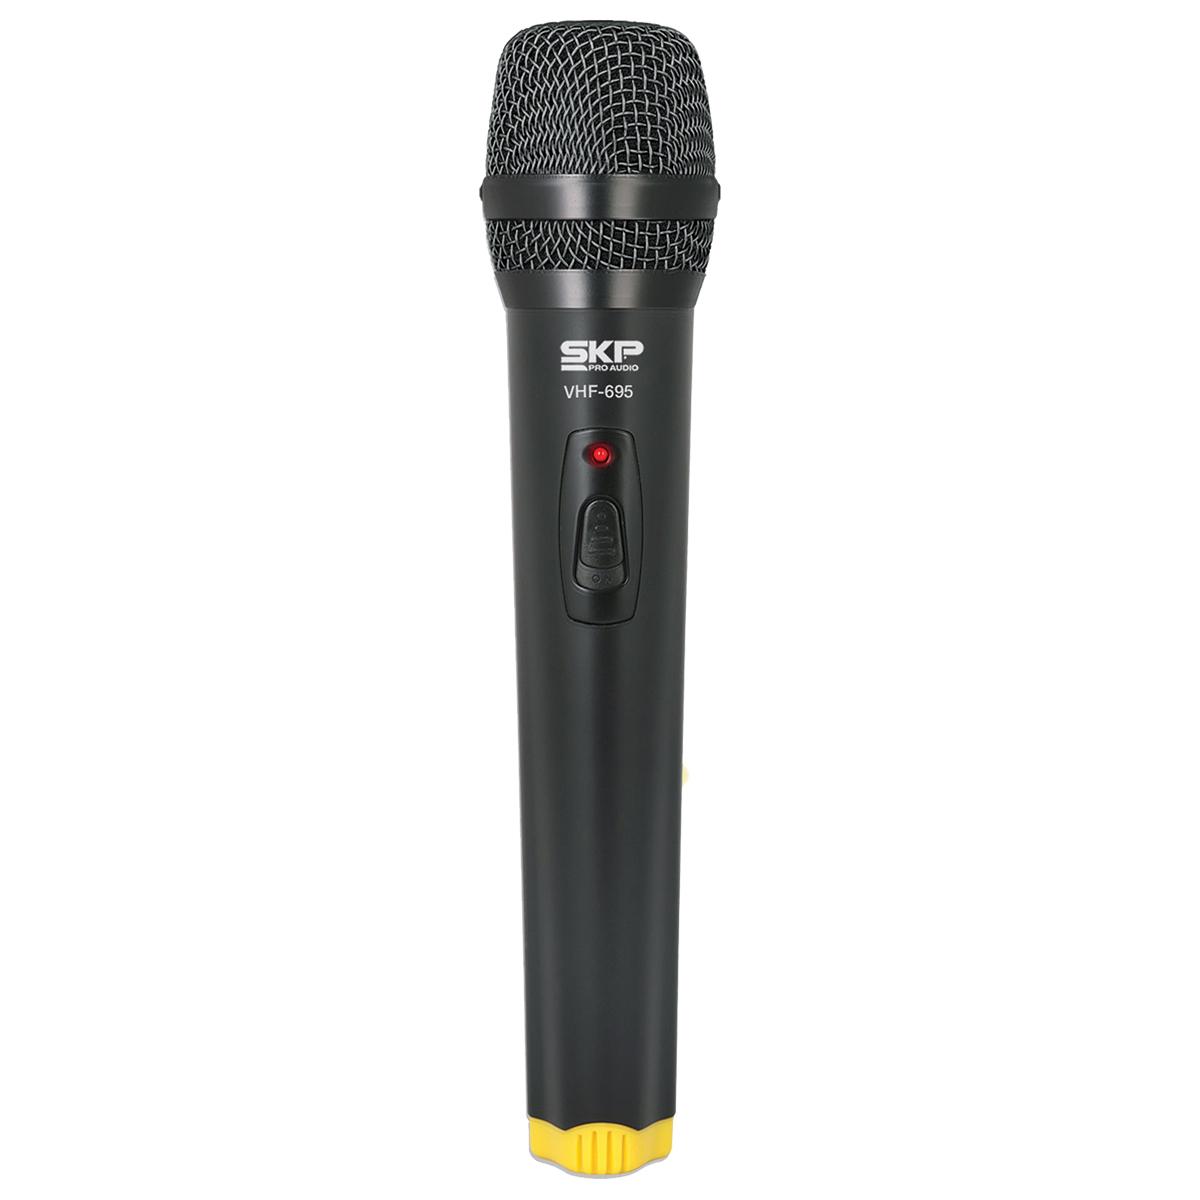 MICROFONE SEM FIO DE MÃO, FREQUENCIA VHF ALCANCE 50 METROS VHF695  - Audio Video & cia